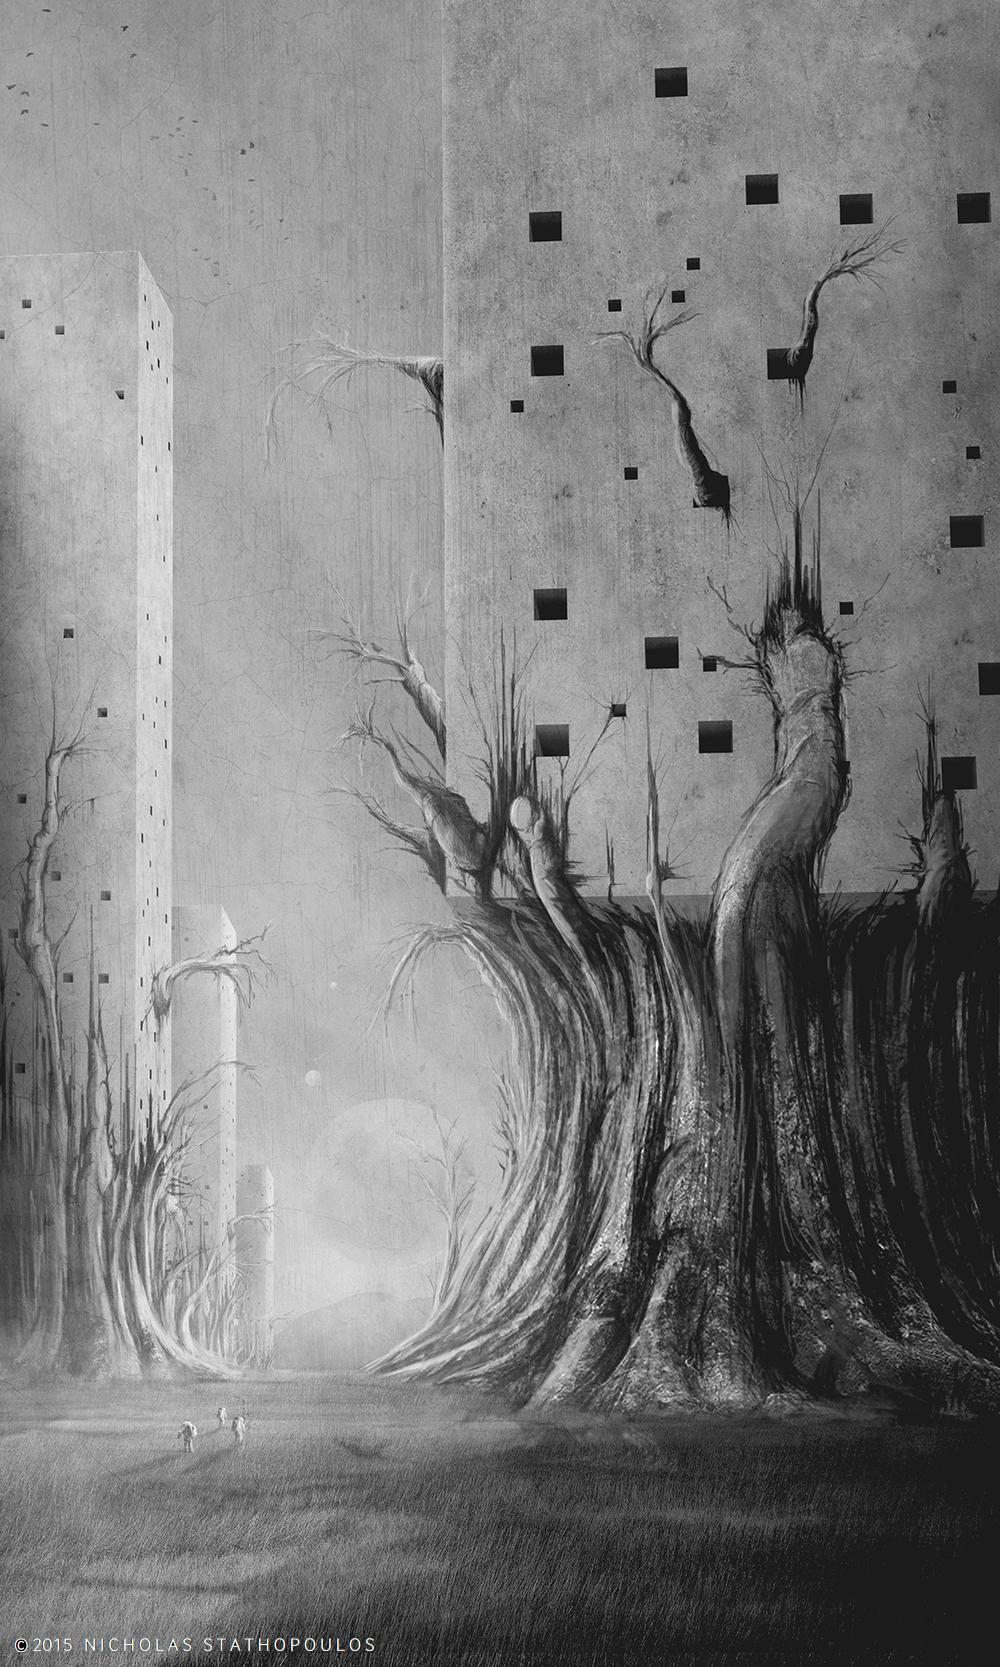 Growth // Nicolas Stathopoulos